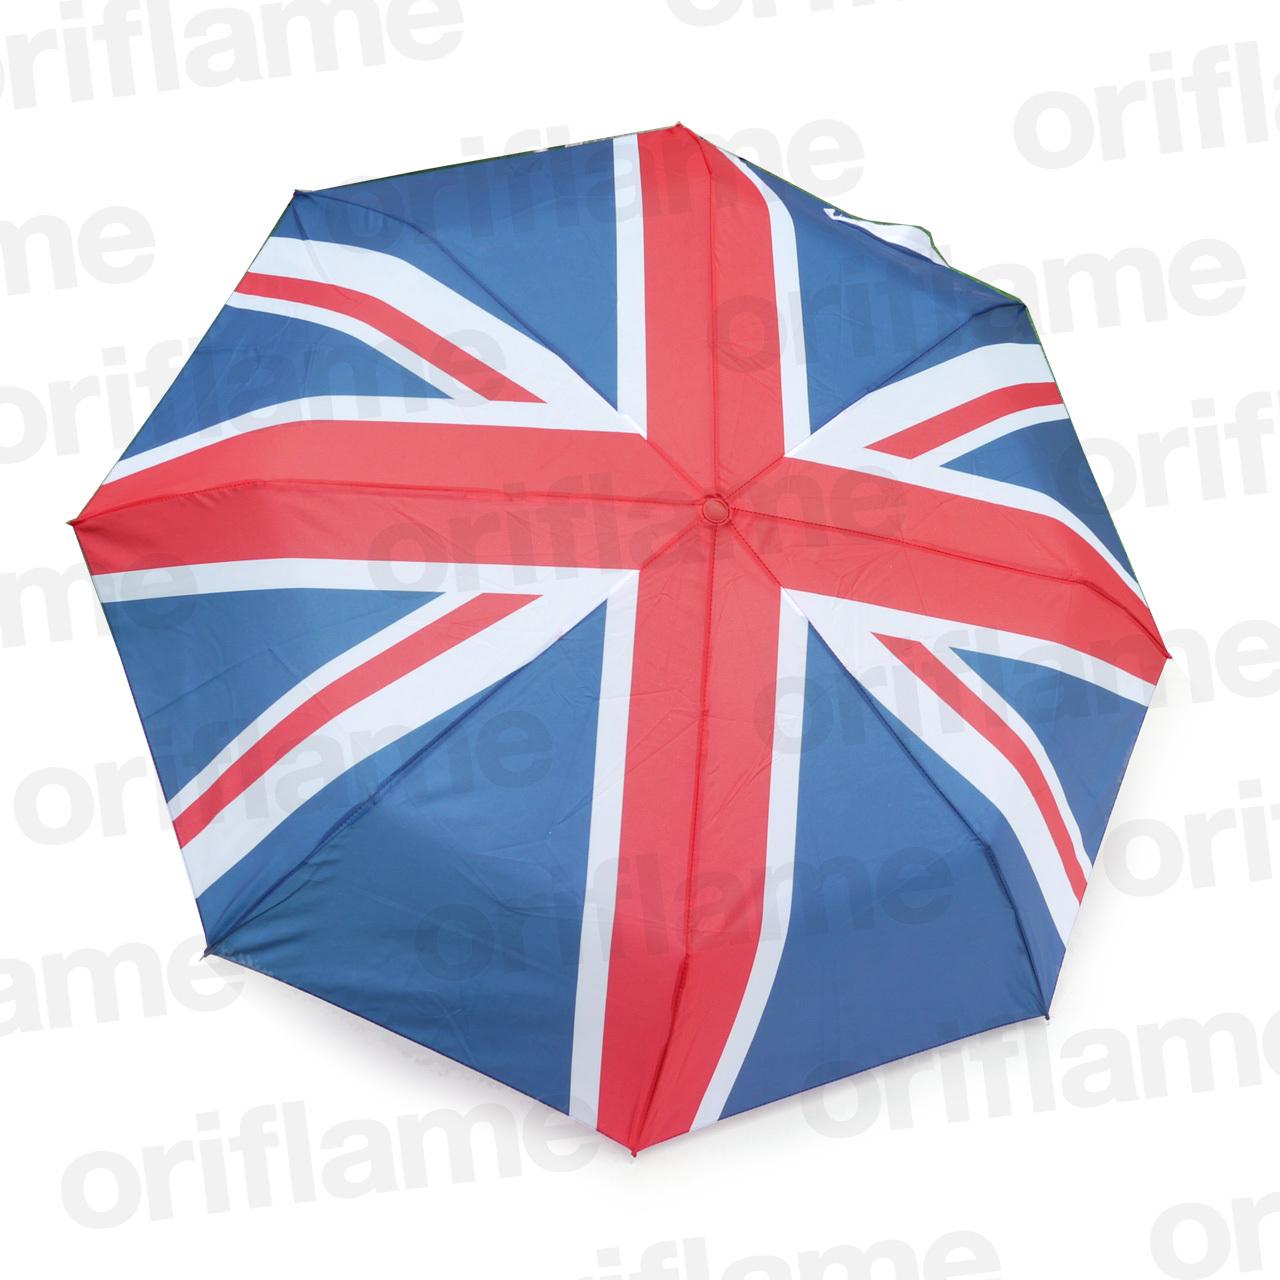 傘・折りたたみ・ユニオンジャック柄・プラスチックグリップ